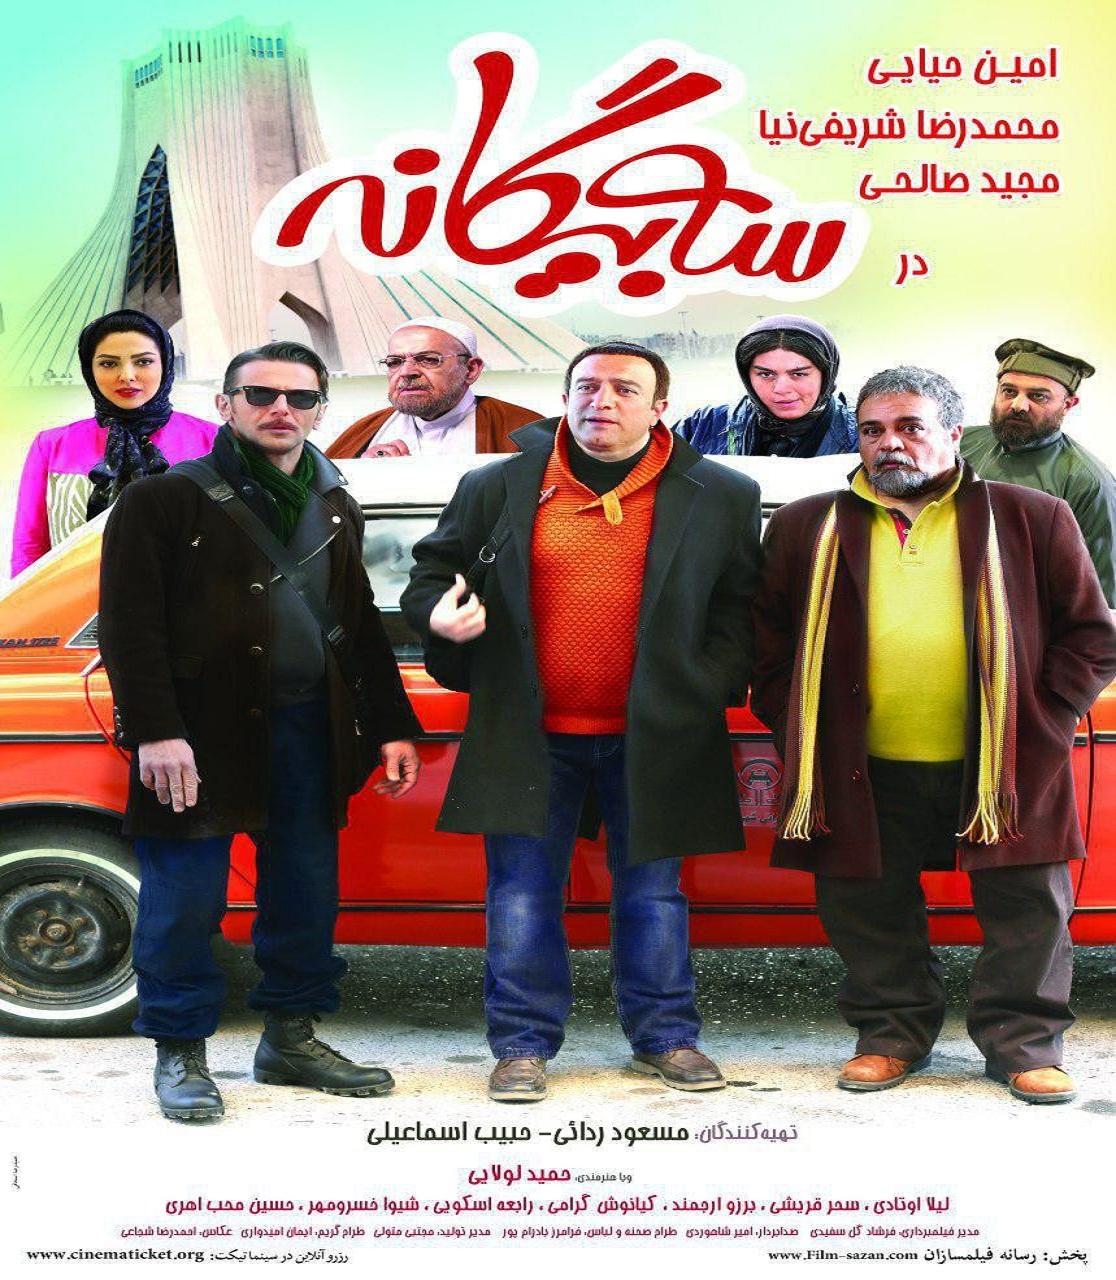 دانلود رایگان فیلم ایرانی سه بیگانه با کیفیت عالی و لینک مستقیم